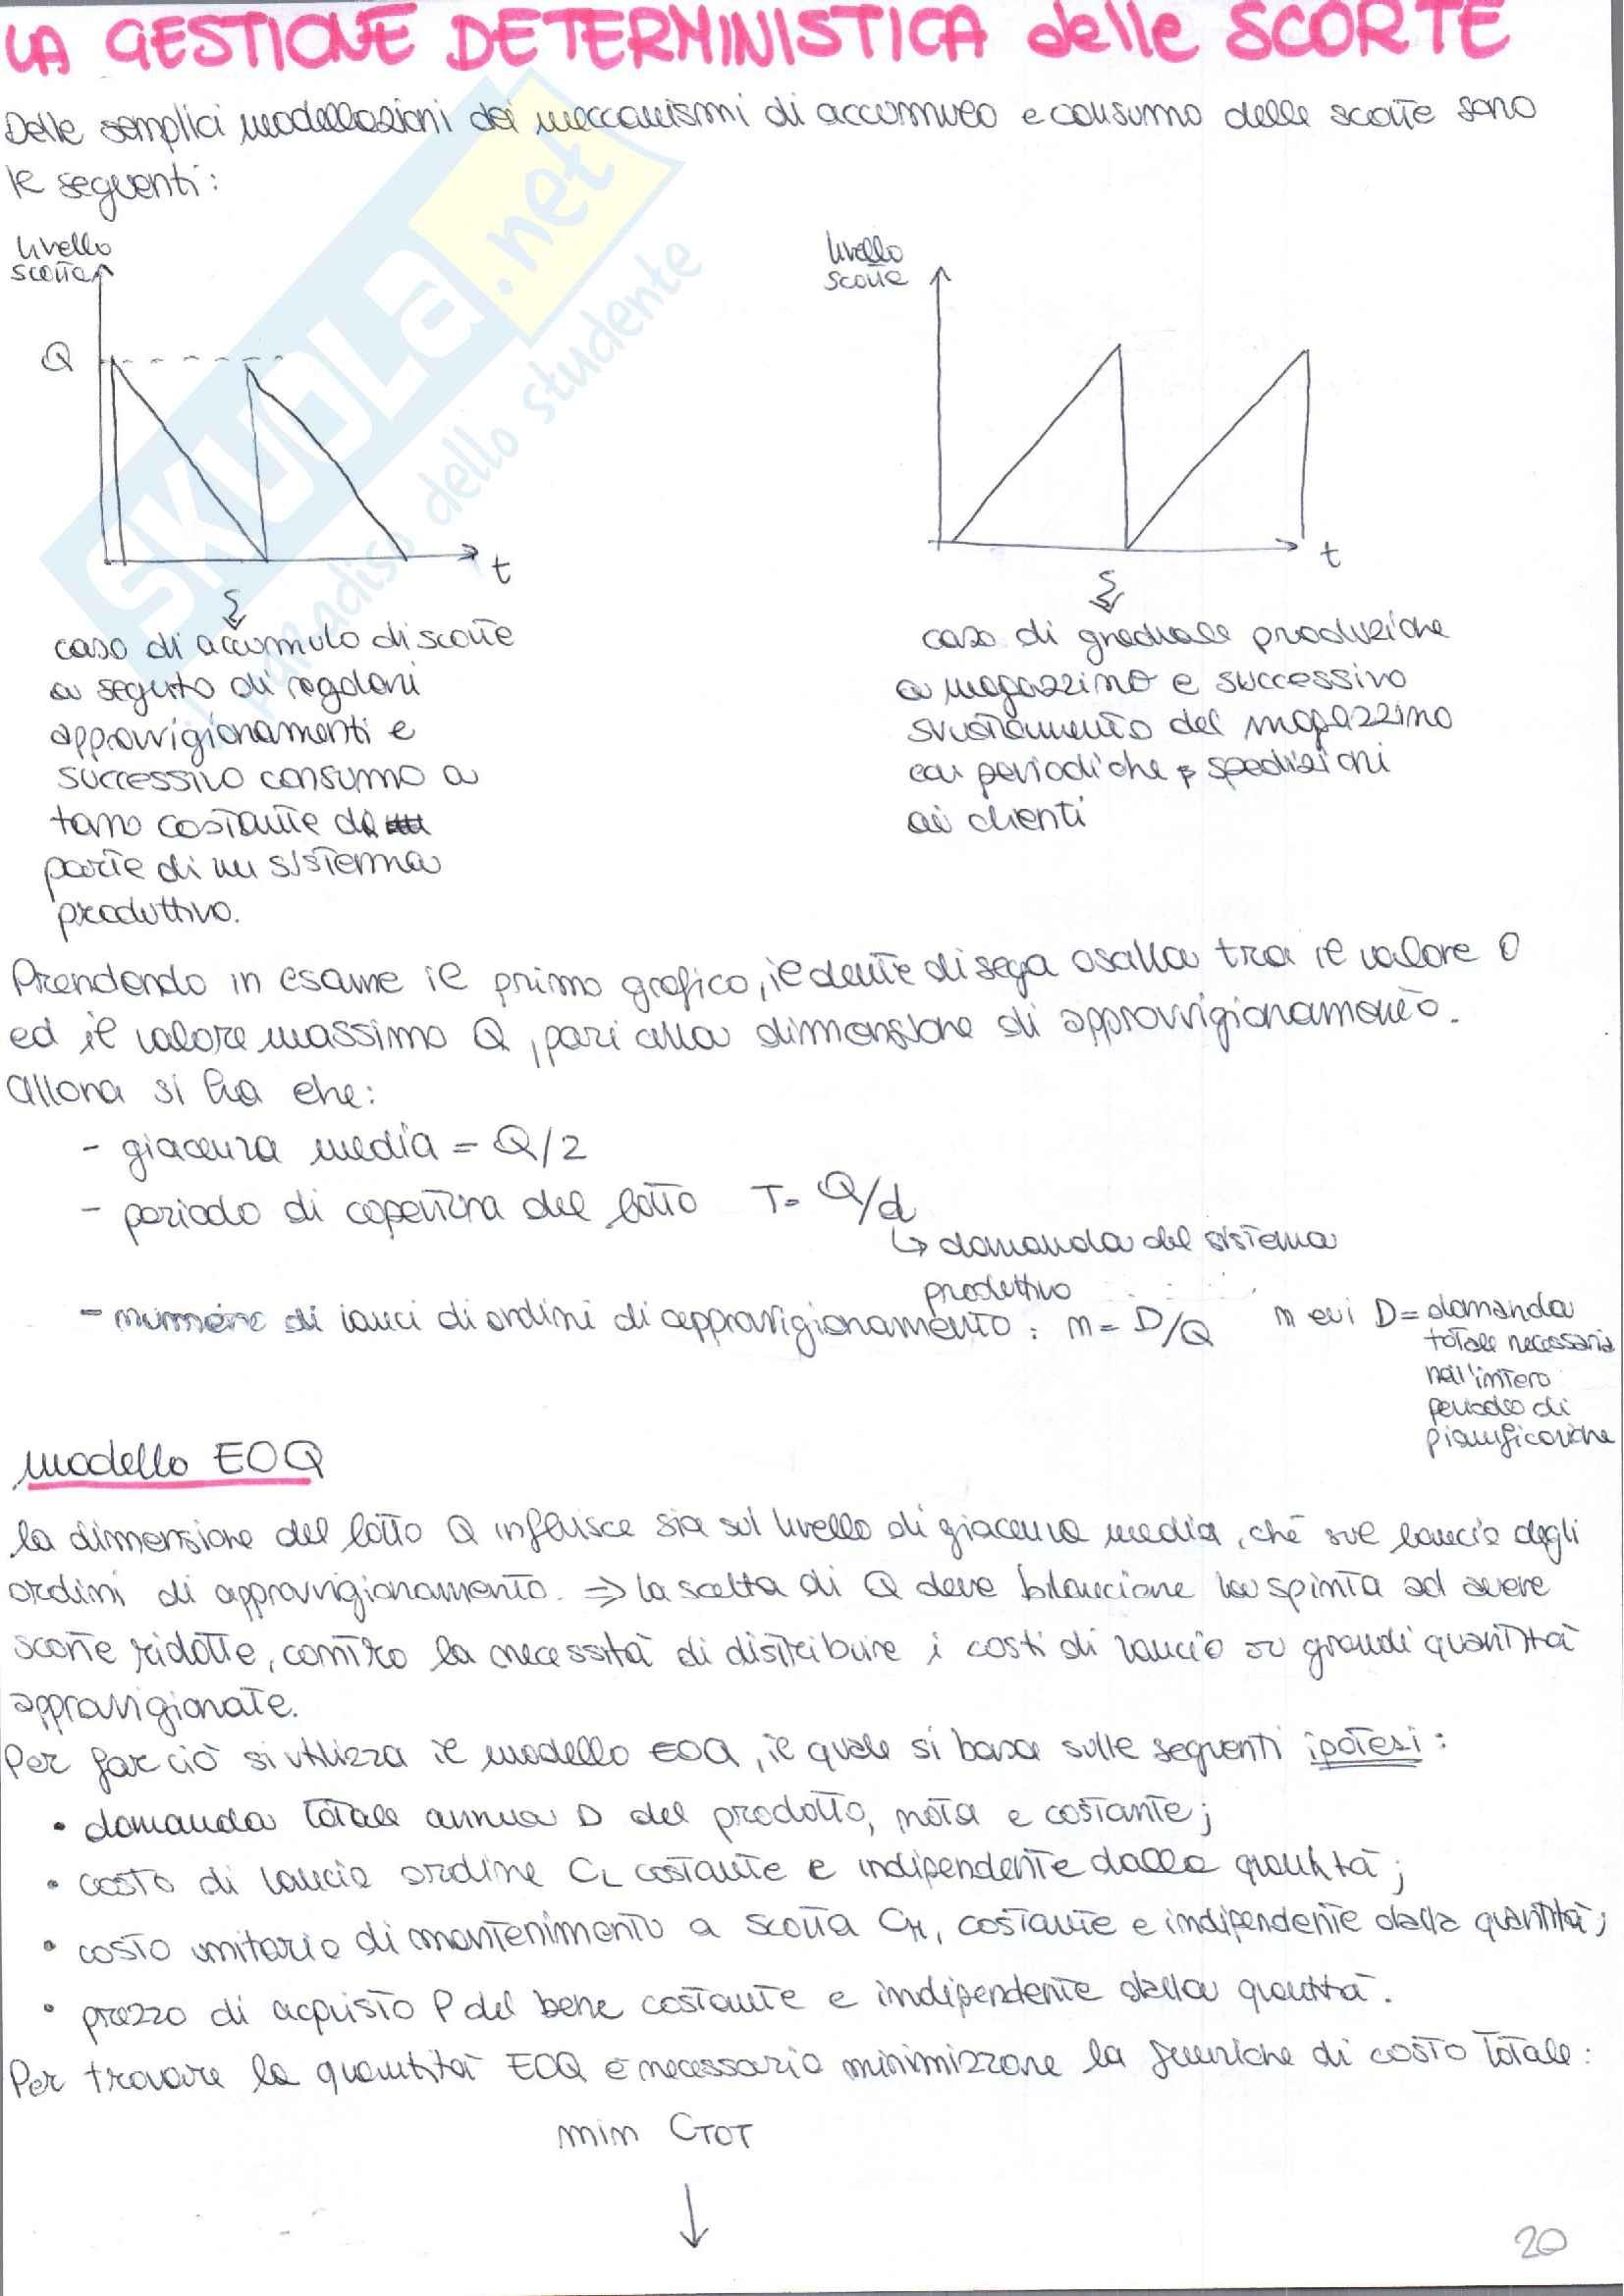 Appunti di Gestione degli Impianti Industriali prof. Costantino Pag. 36